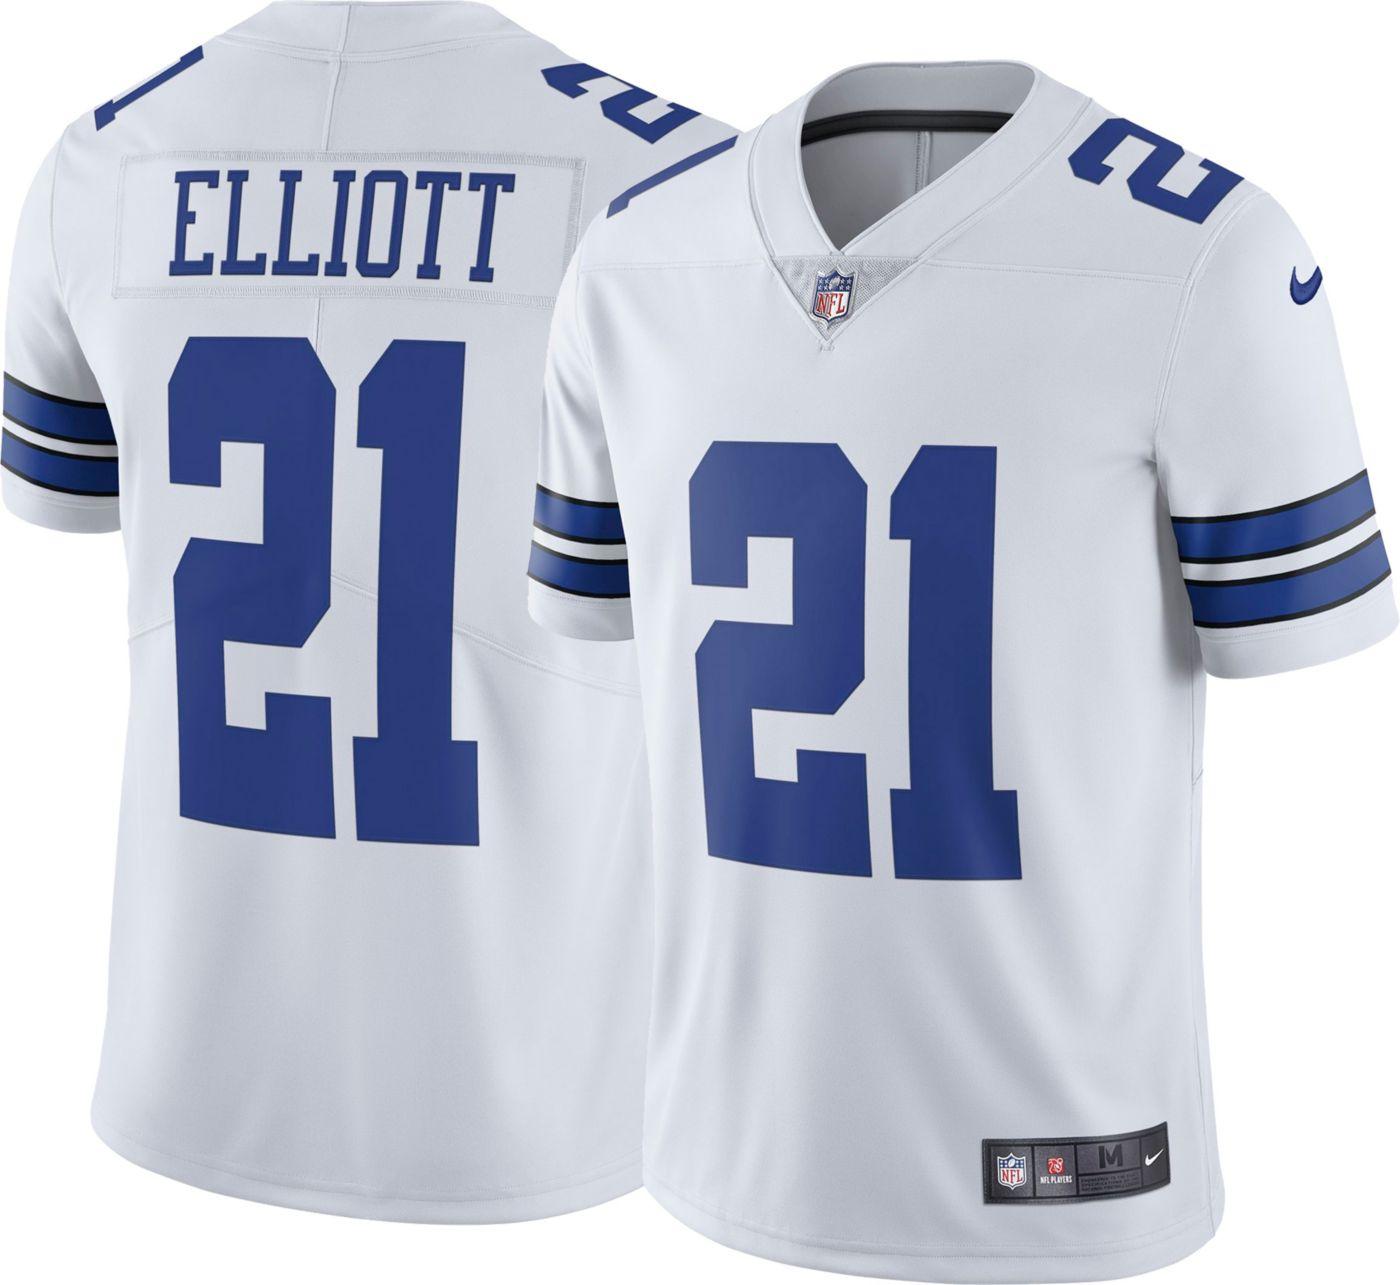 Nike Men's Limited Jersey Dallas Cowboys Ezekiel Elliott #21